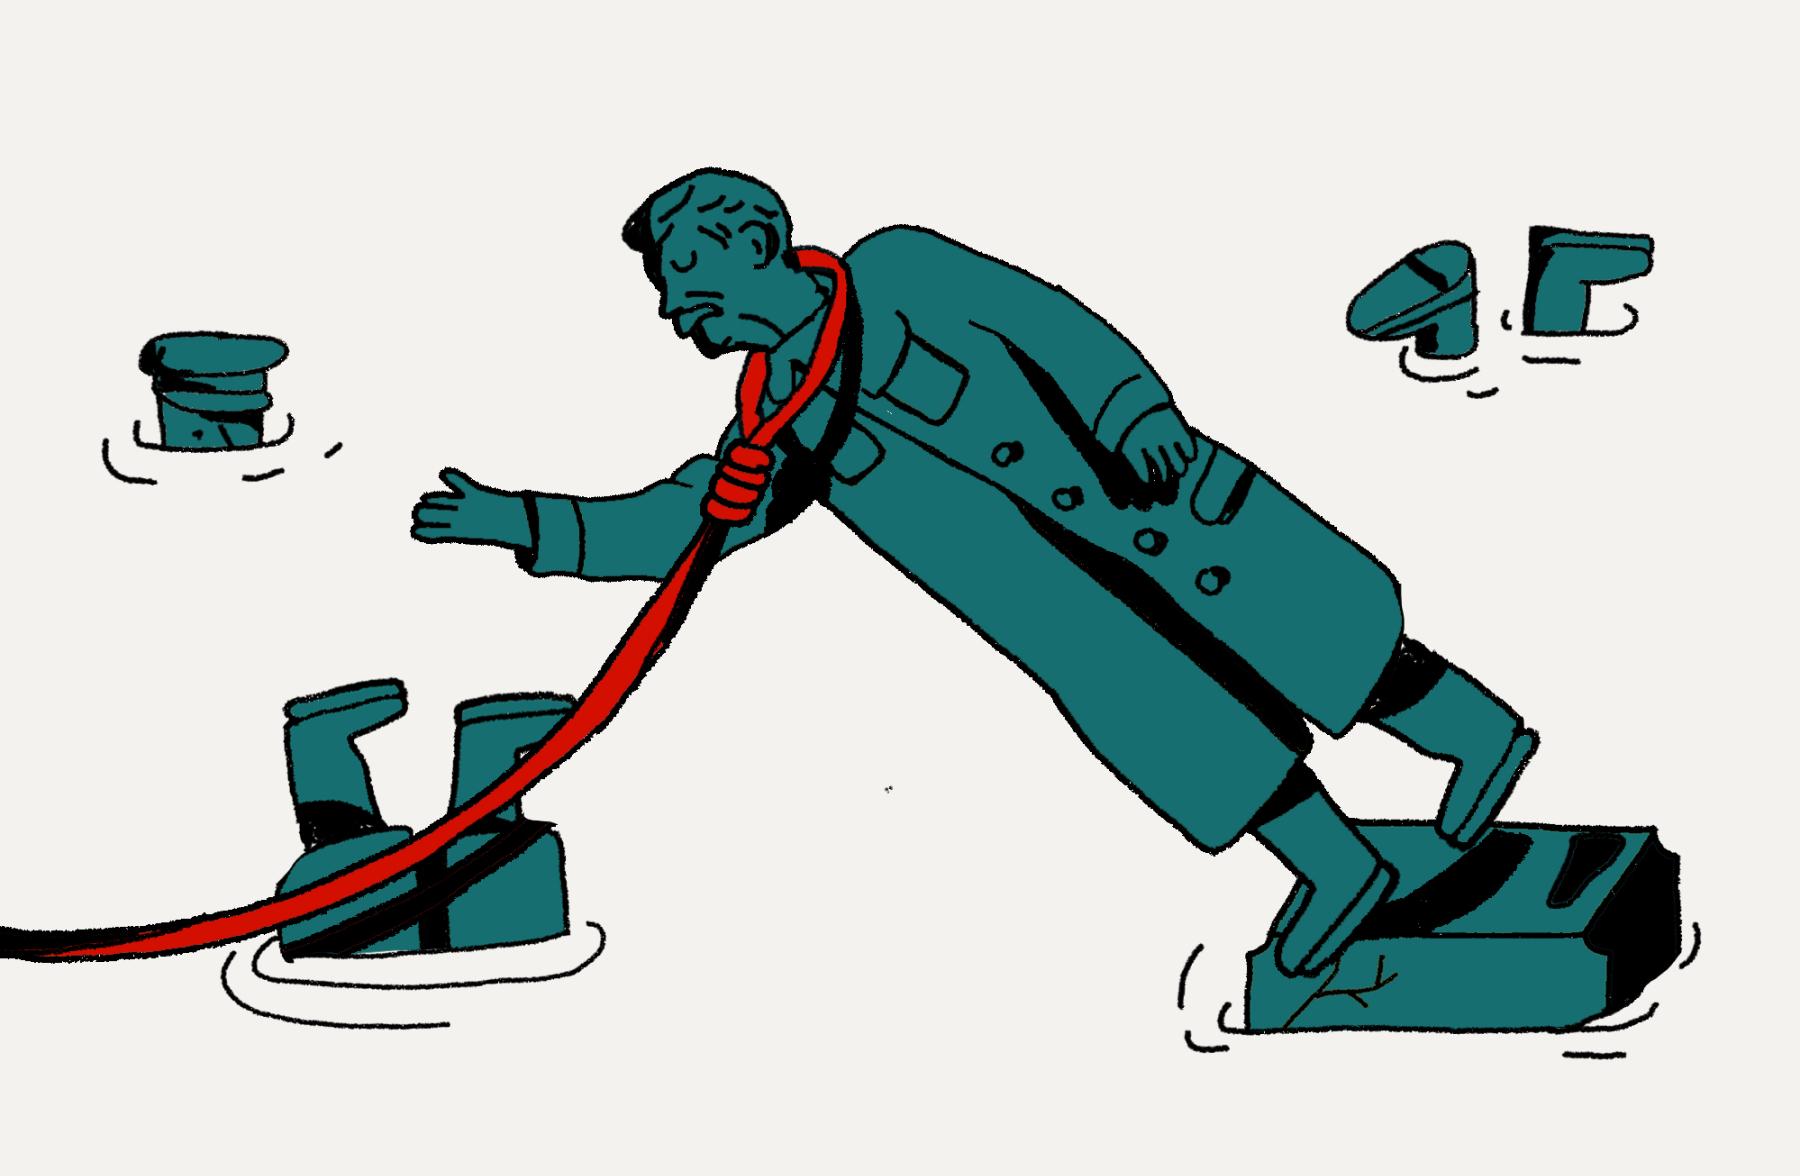 Иллюстрация: Тим Яржомбек, специально для Bookmate Journal/